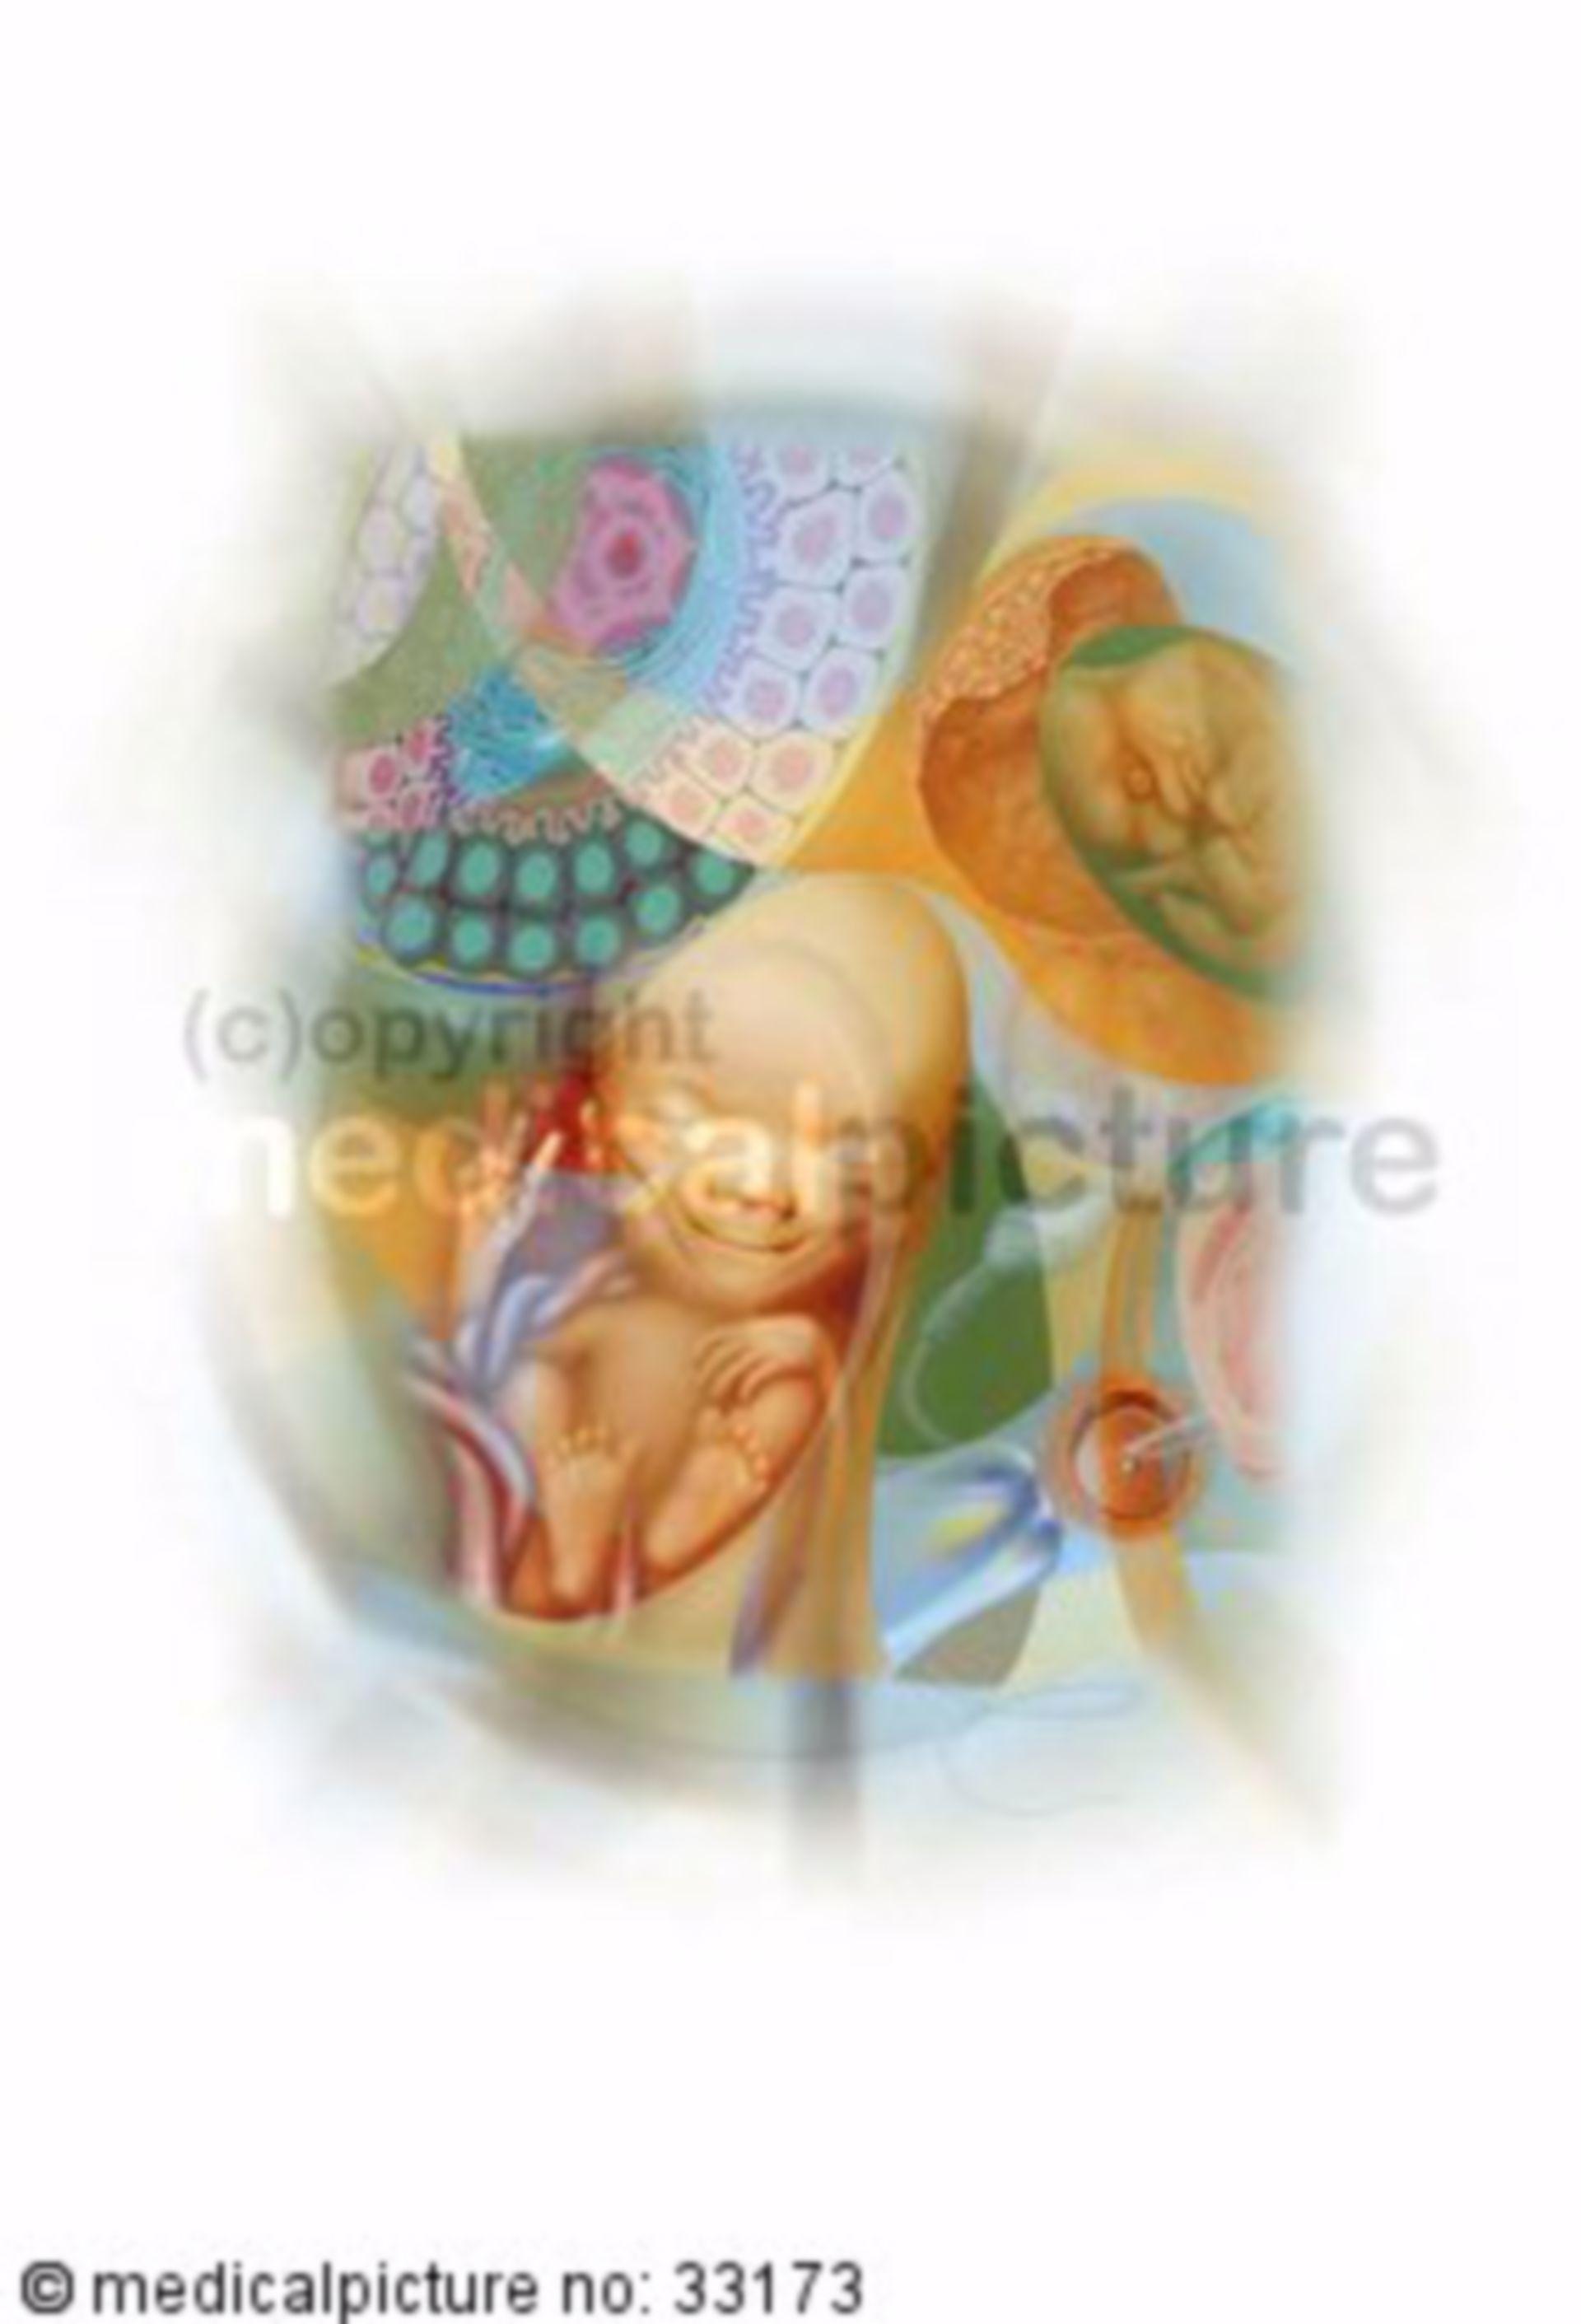 Menschlicher Fetus